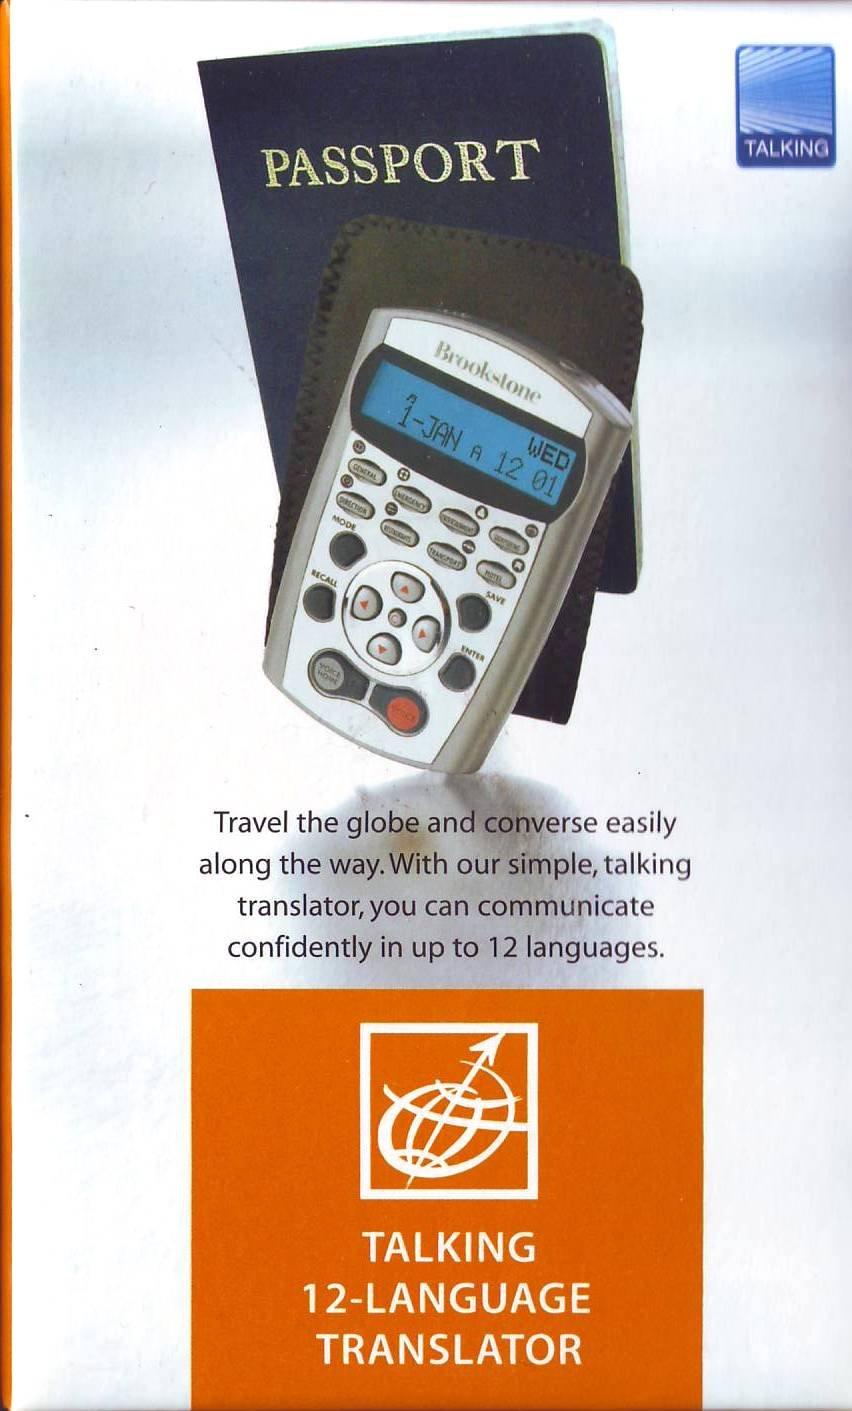 Brookstone Passport Talking 12-Language Translator by Brookstone (Image #2)